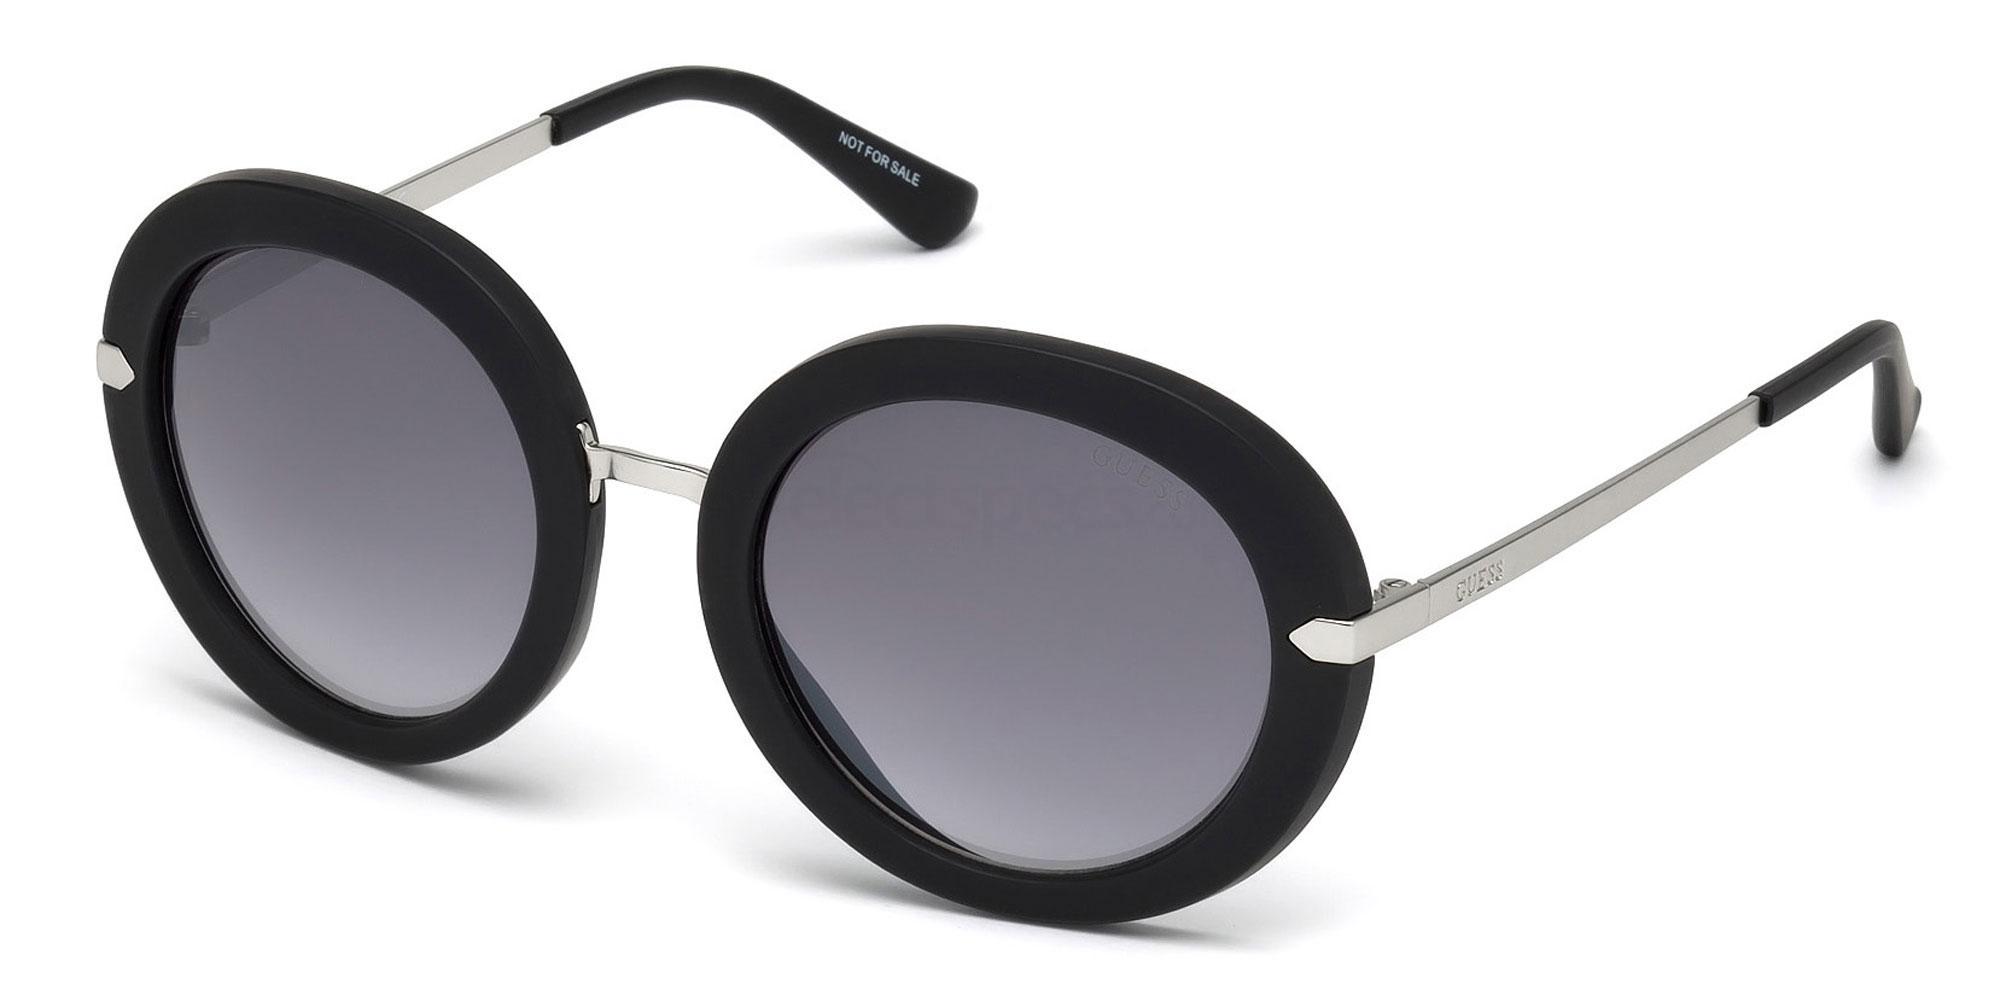 02C GU7514 Sunglasses, Guess